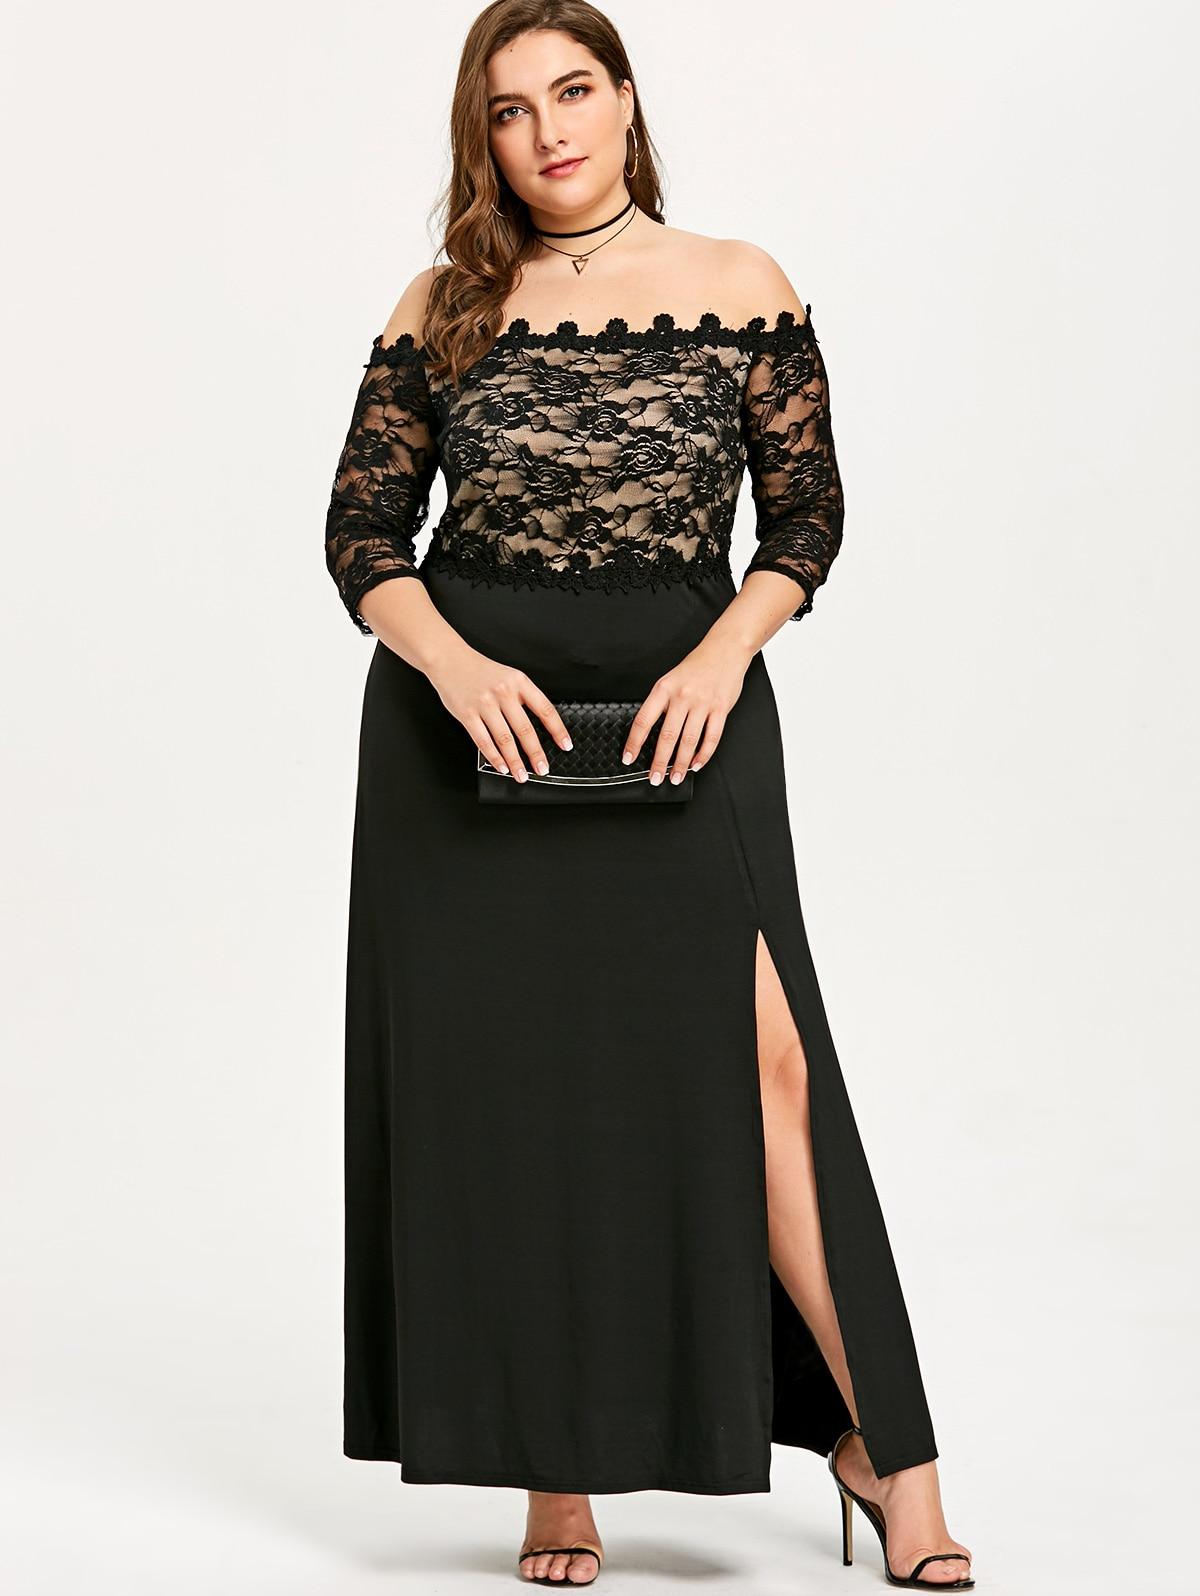 783d155e6d285 Dresses Cheap Dresses Gamiss Plus Size Slit Off Shoulder Maxi.We offer the  best wholesale price